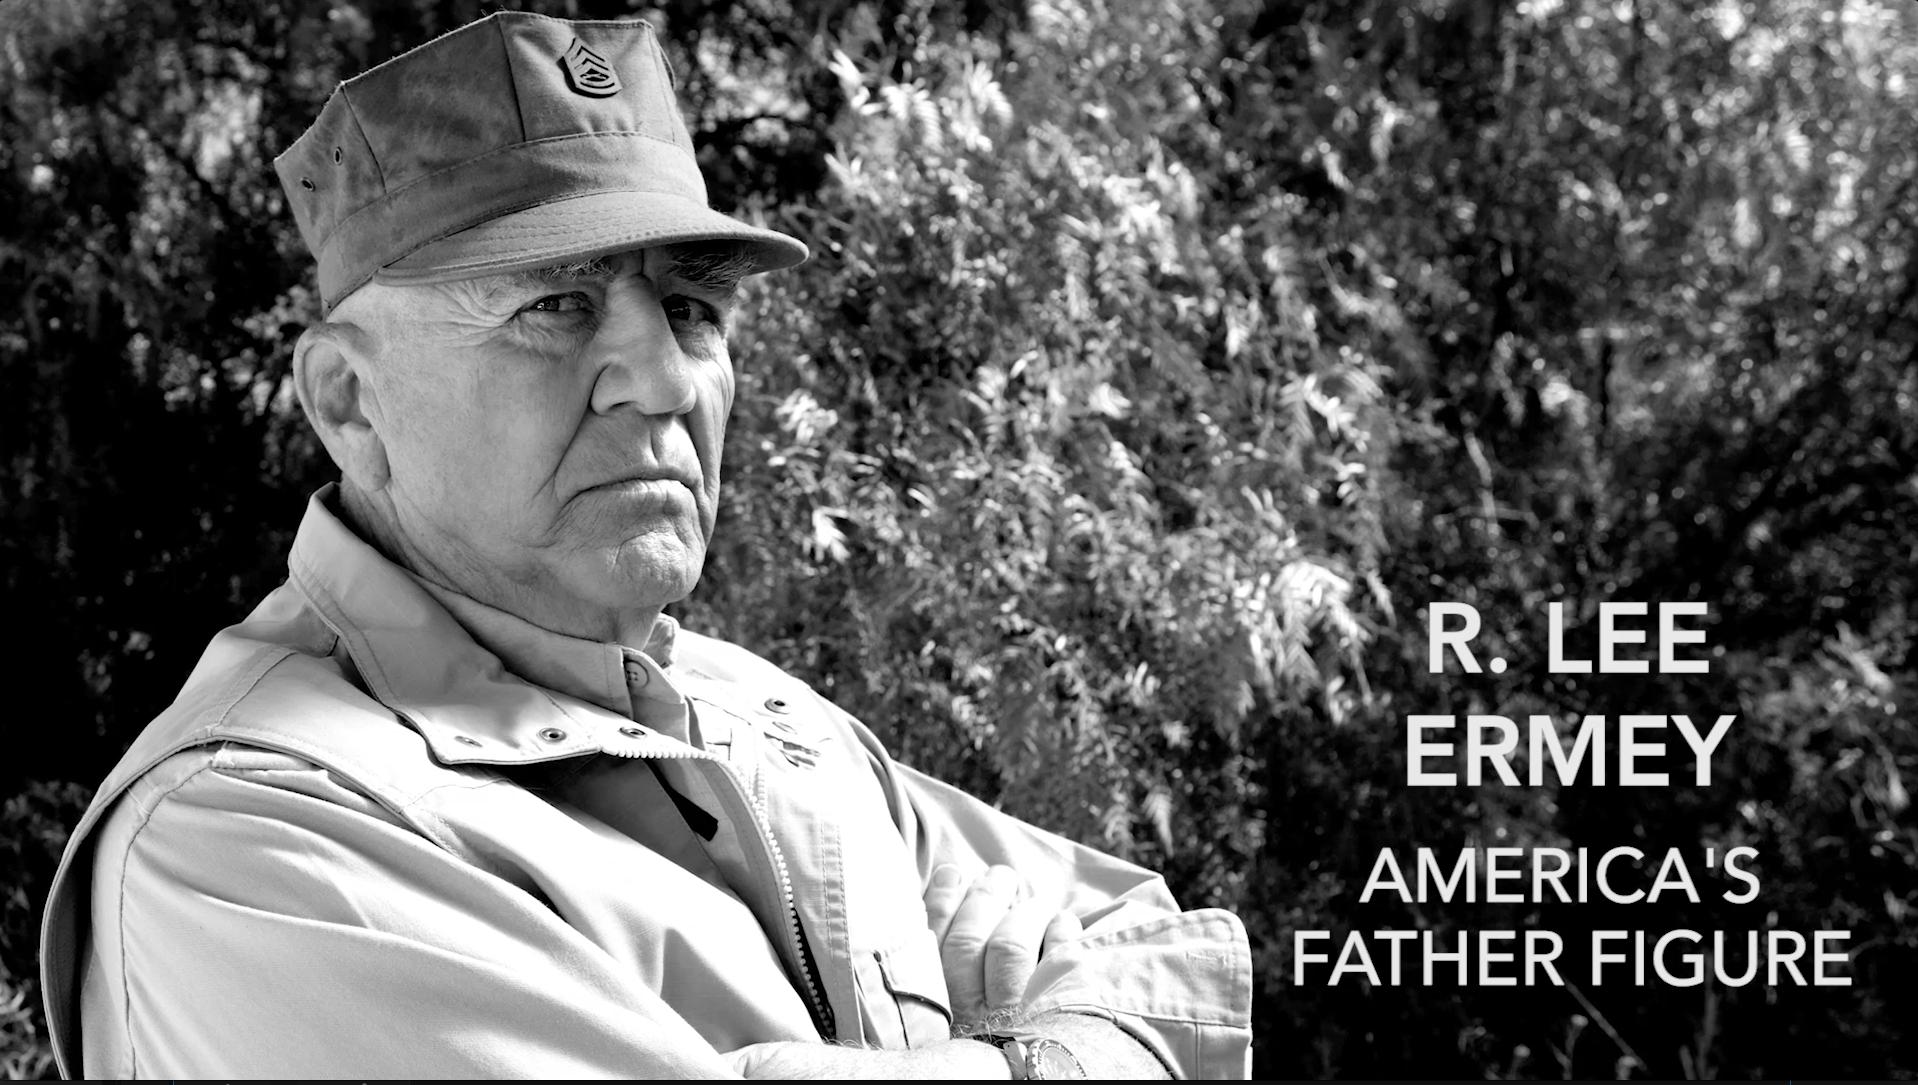 In memoriam: R. Lee Ermey